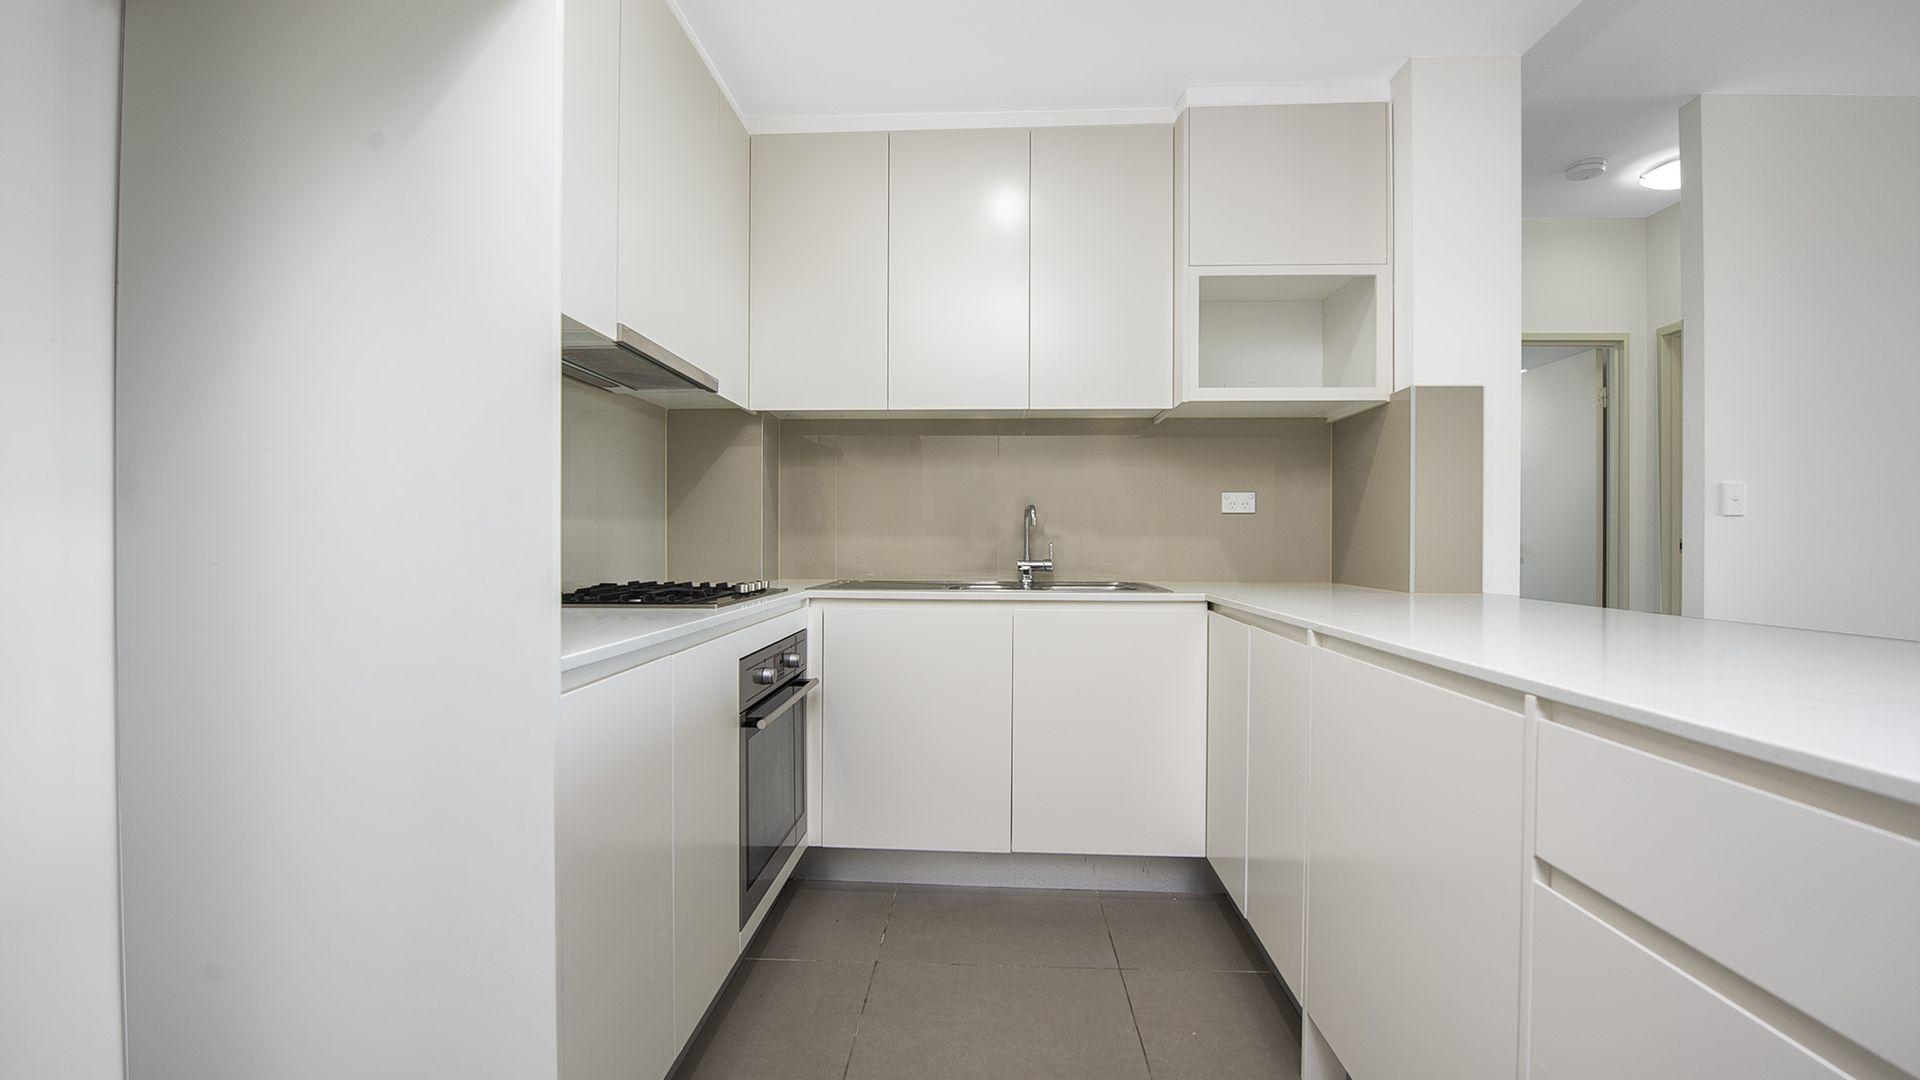 38/2-10 Garnet Street, Rockdale NSW 2216, Image 1